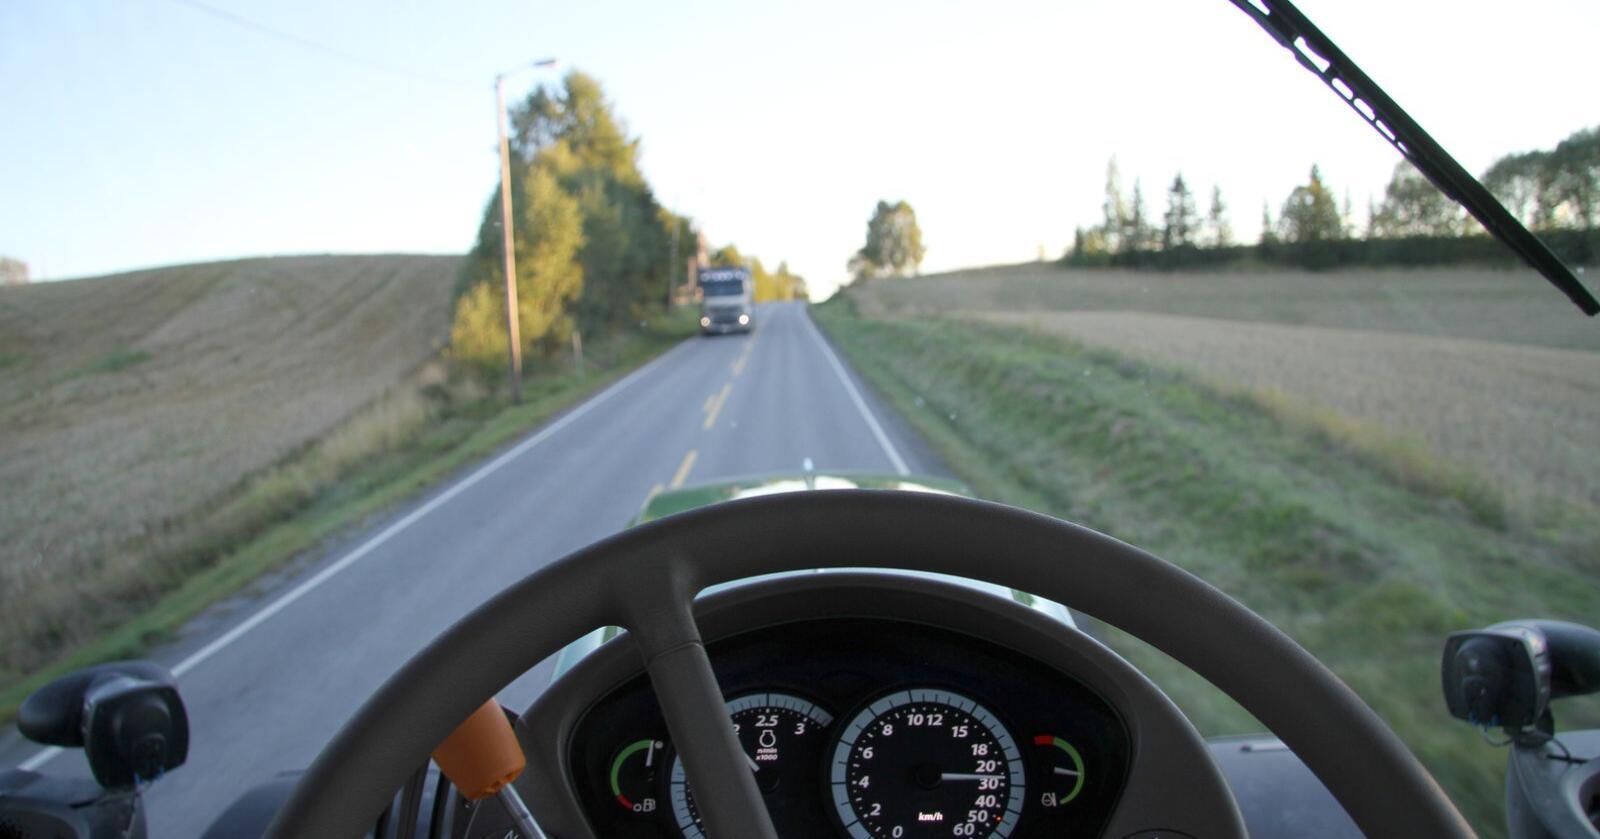 Det har i lengre tid vært etterlyst klarere regler for traktorkjøring langs vegen. Nå er forskriften endret på flere områder.